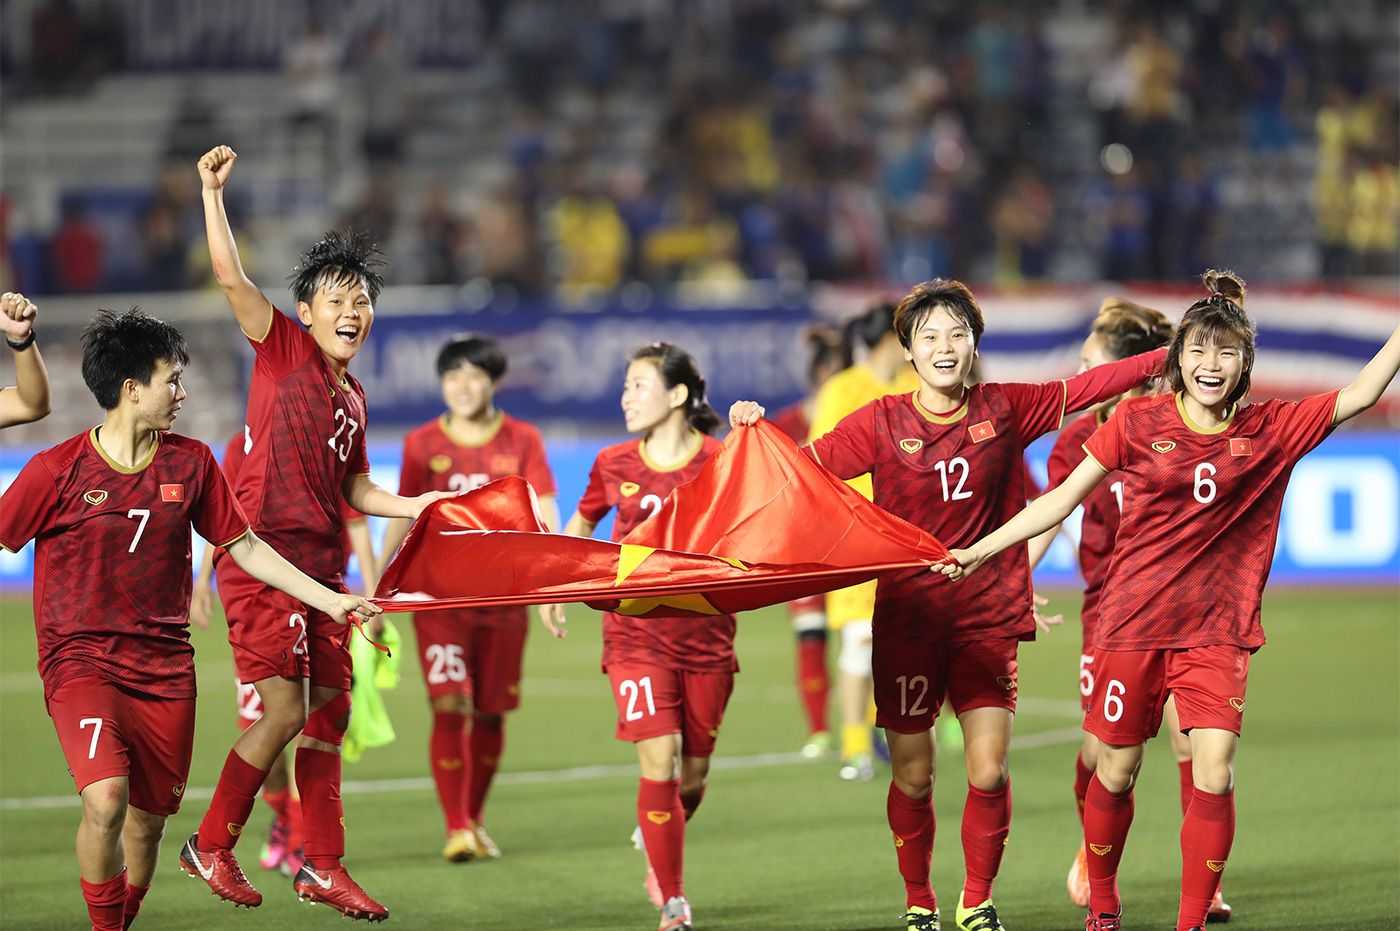 Bóng đá Việt Nam 2020: Quyết tâm giữ ngai Vàng Đông Nam Á và bơi ra biển lớn - Ảnh 13.